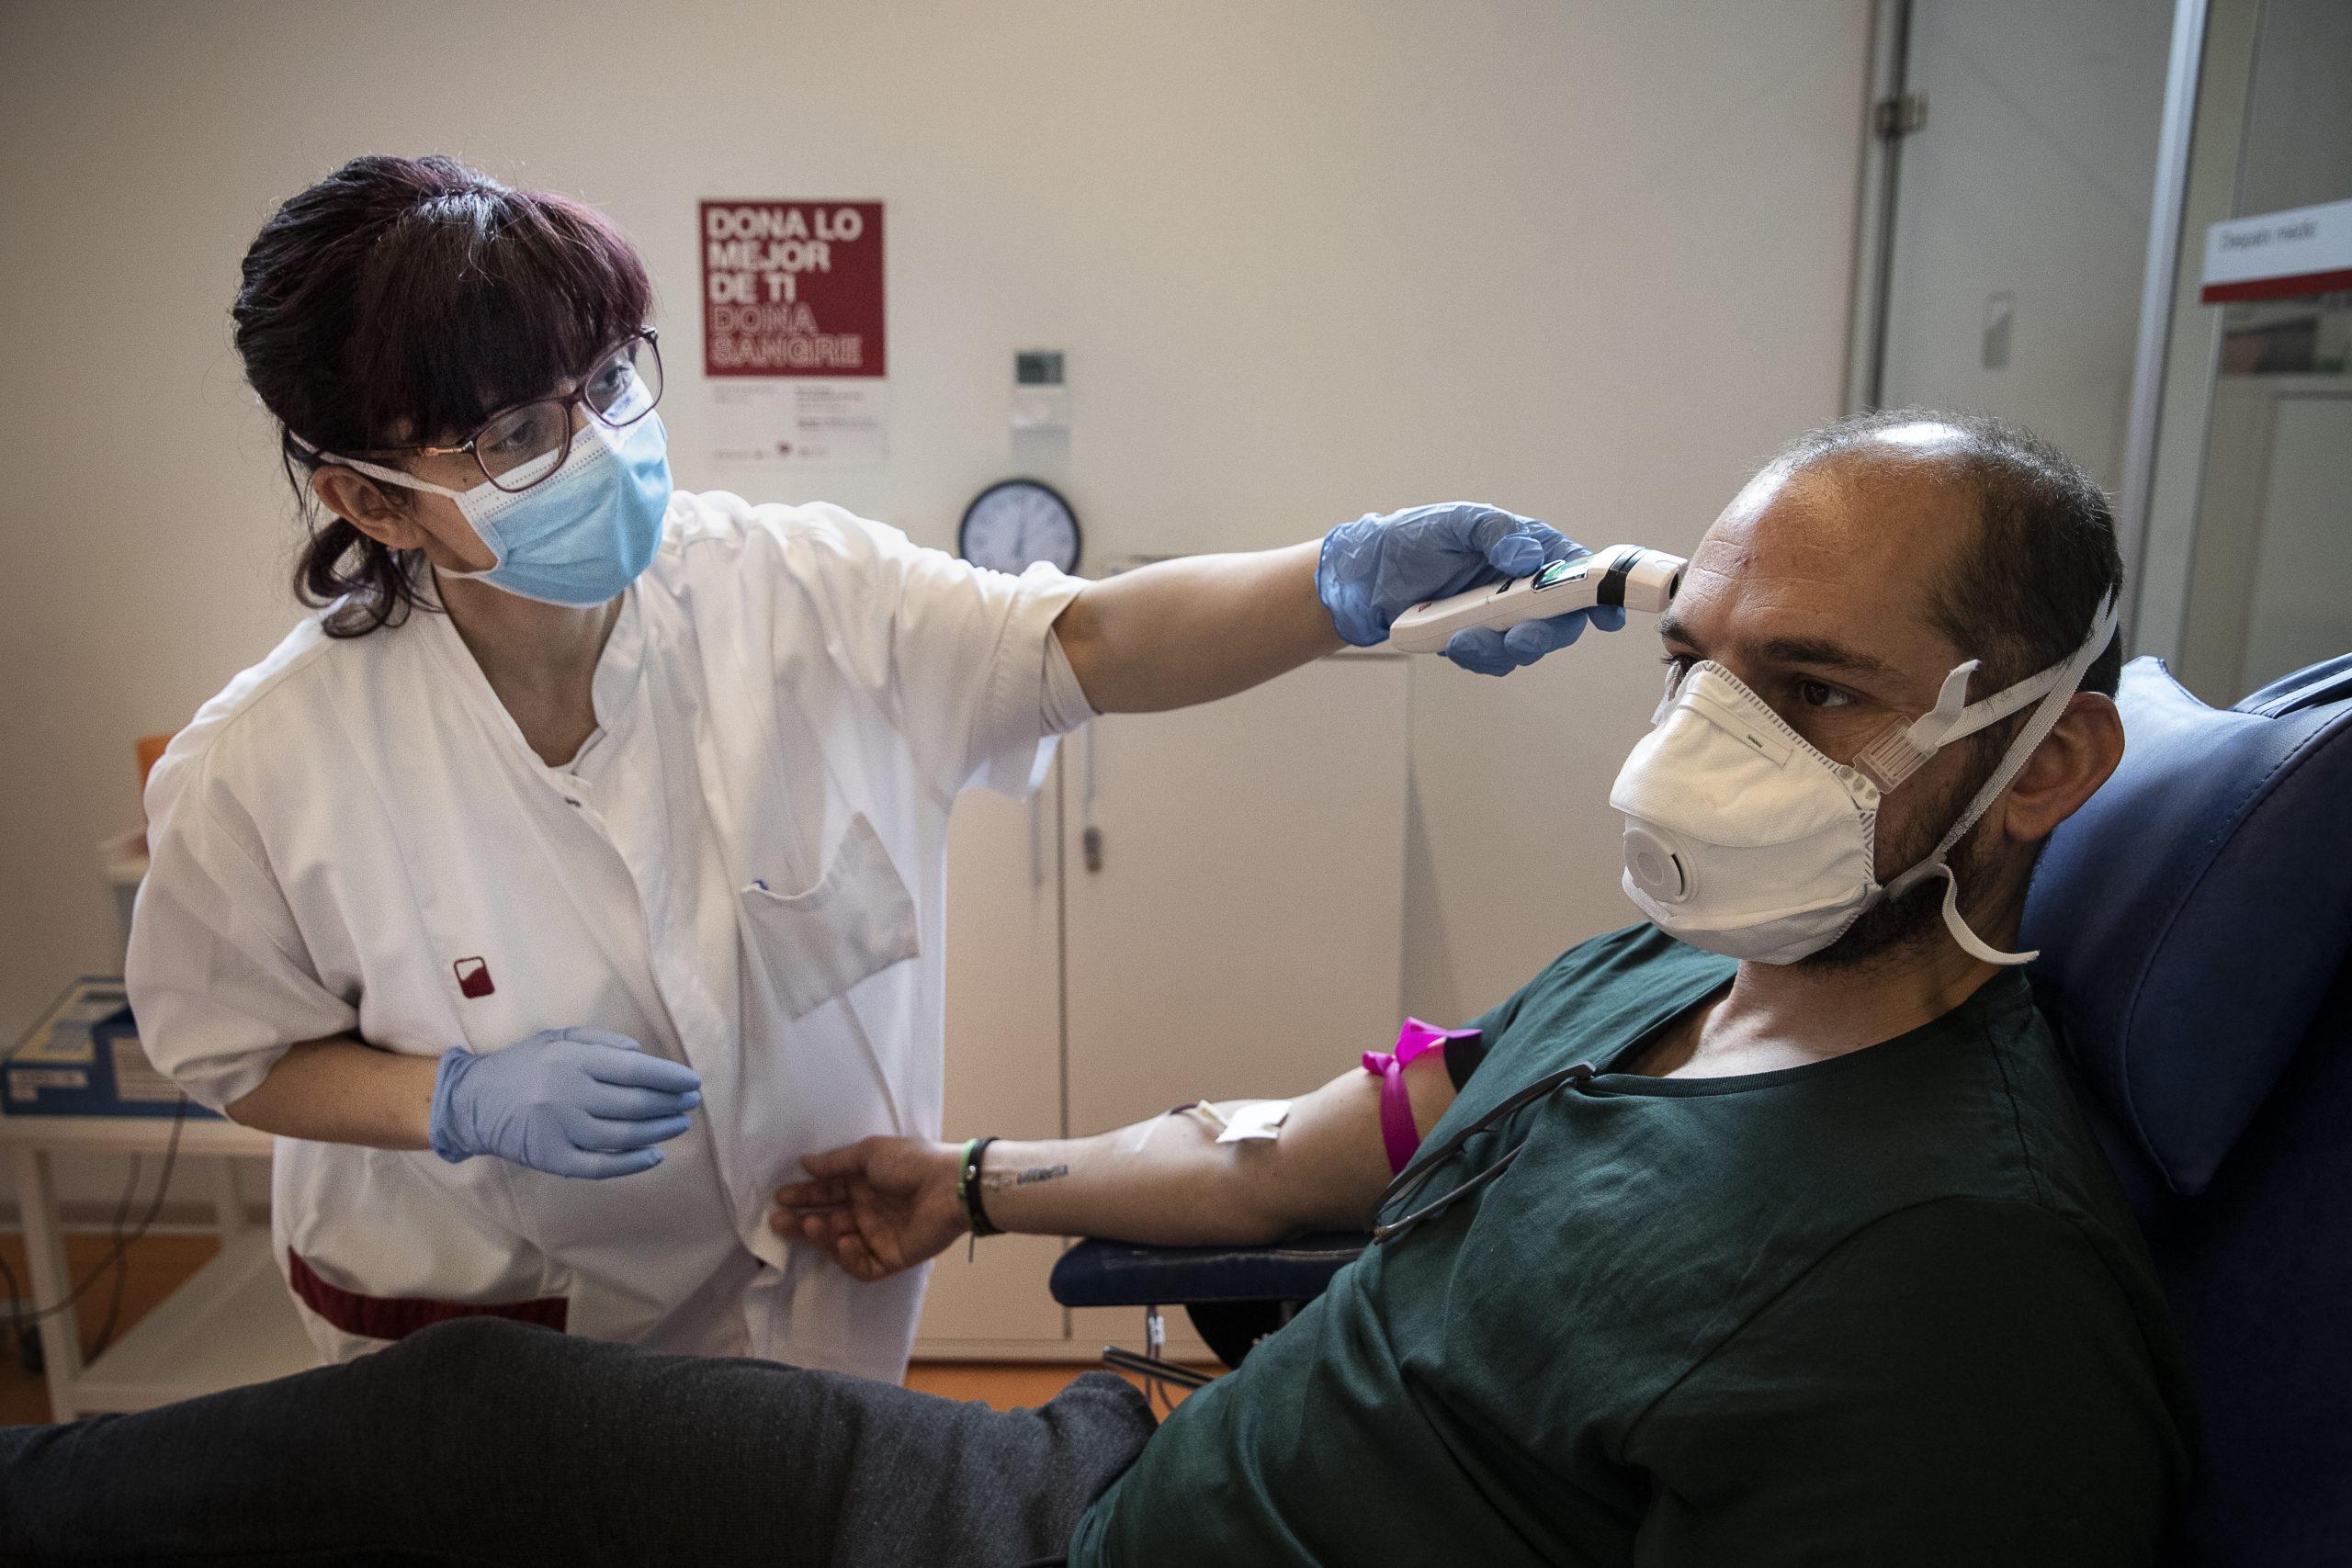 médicos, Se han recuperado más de la mitad de los casos de COVID-19 a nivel global, coronavirus, Covid, Estado de México